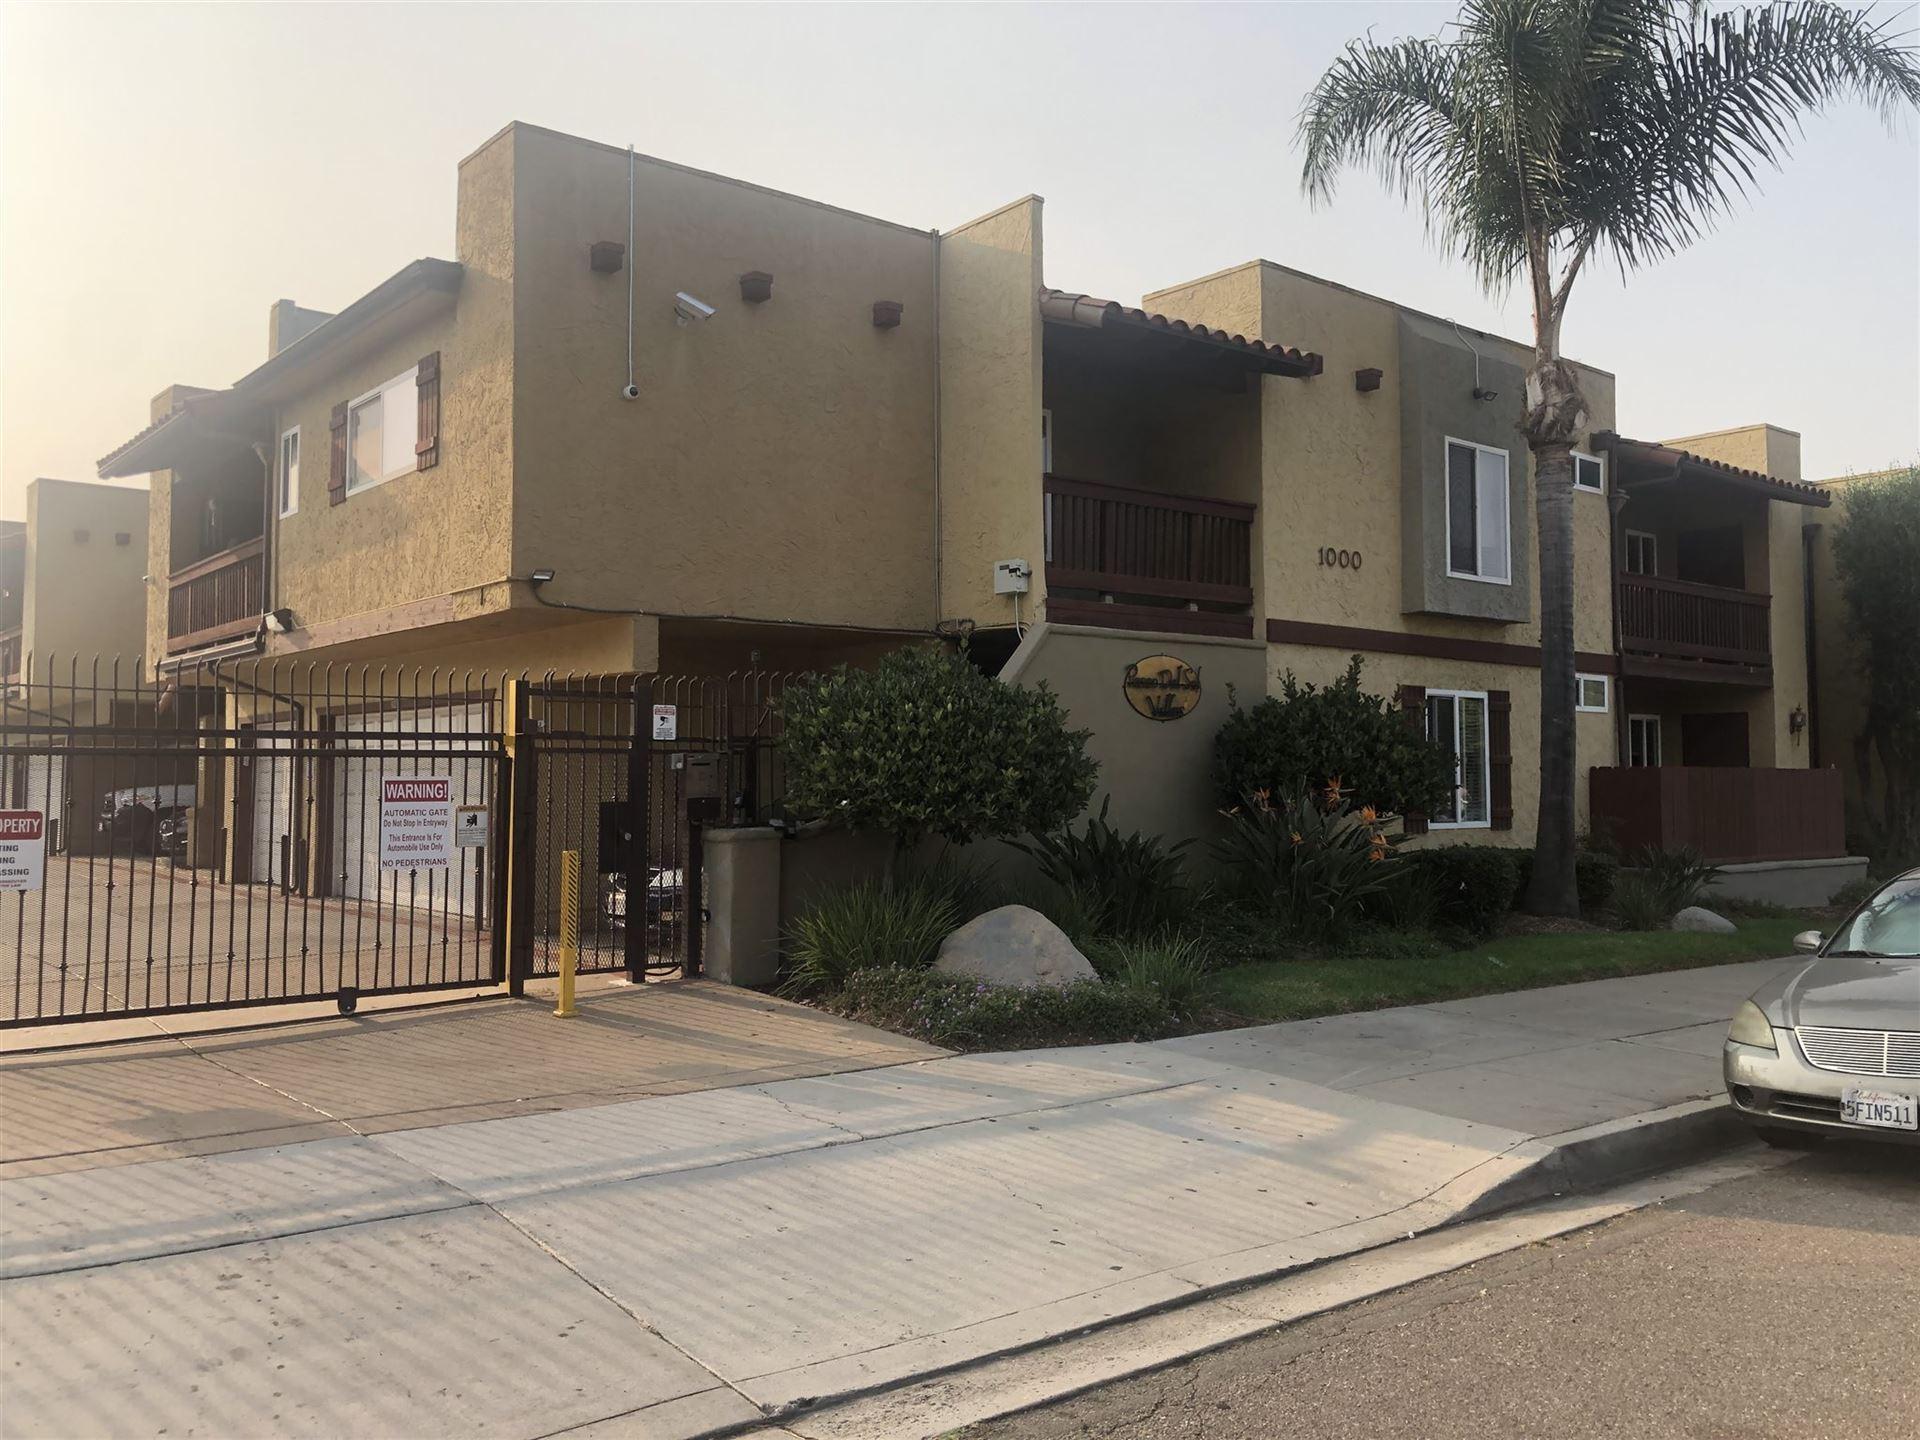 Photo of 1000 Estes St #58, El Cajon, CA 92020 (MLS # 200045703)